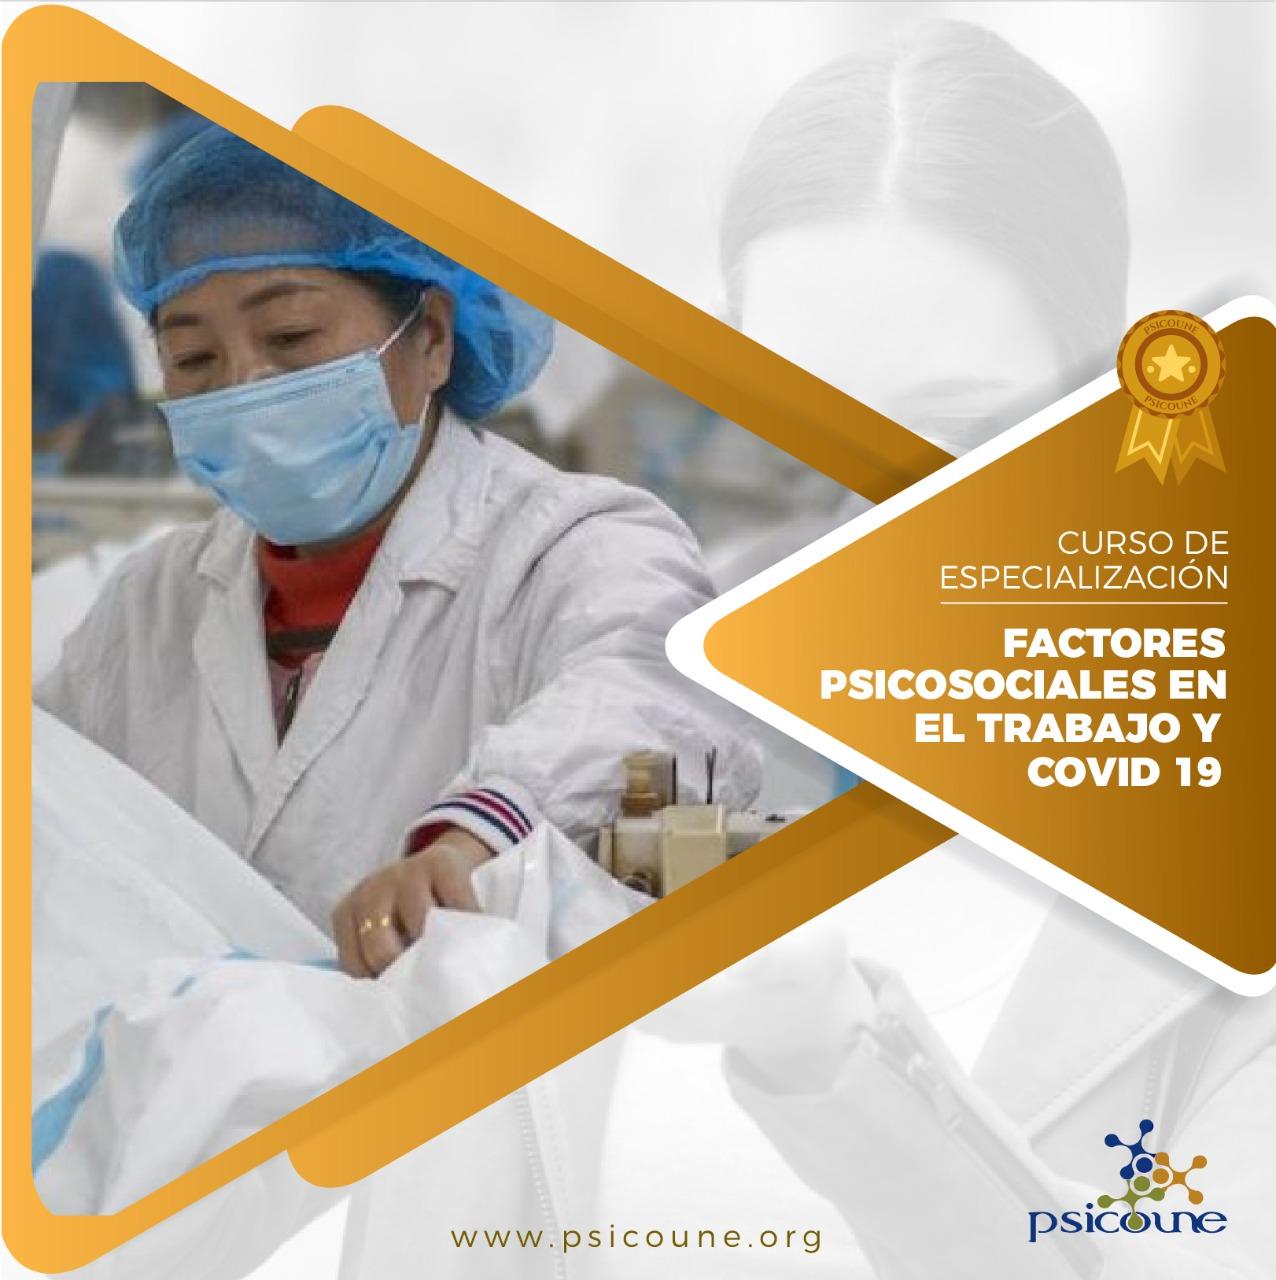 CURSO DE ESPECIALIZACIÓN: FACTORES PSICOSOCIALES EN EL TRABAJO Y COVID 19